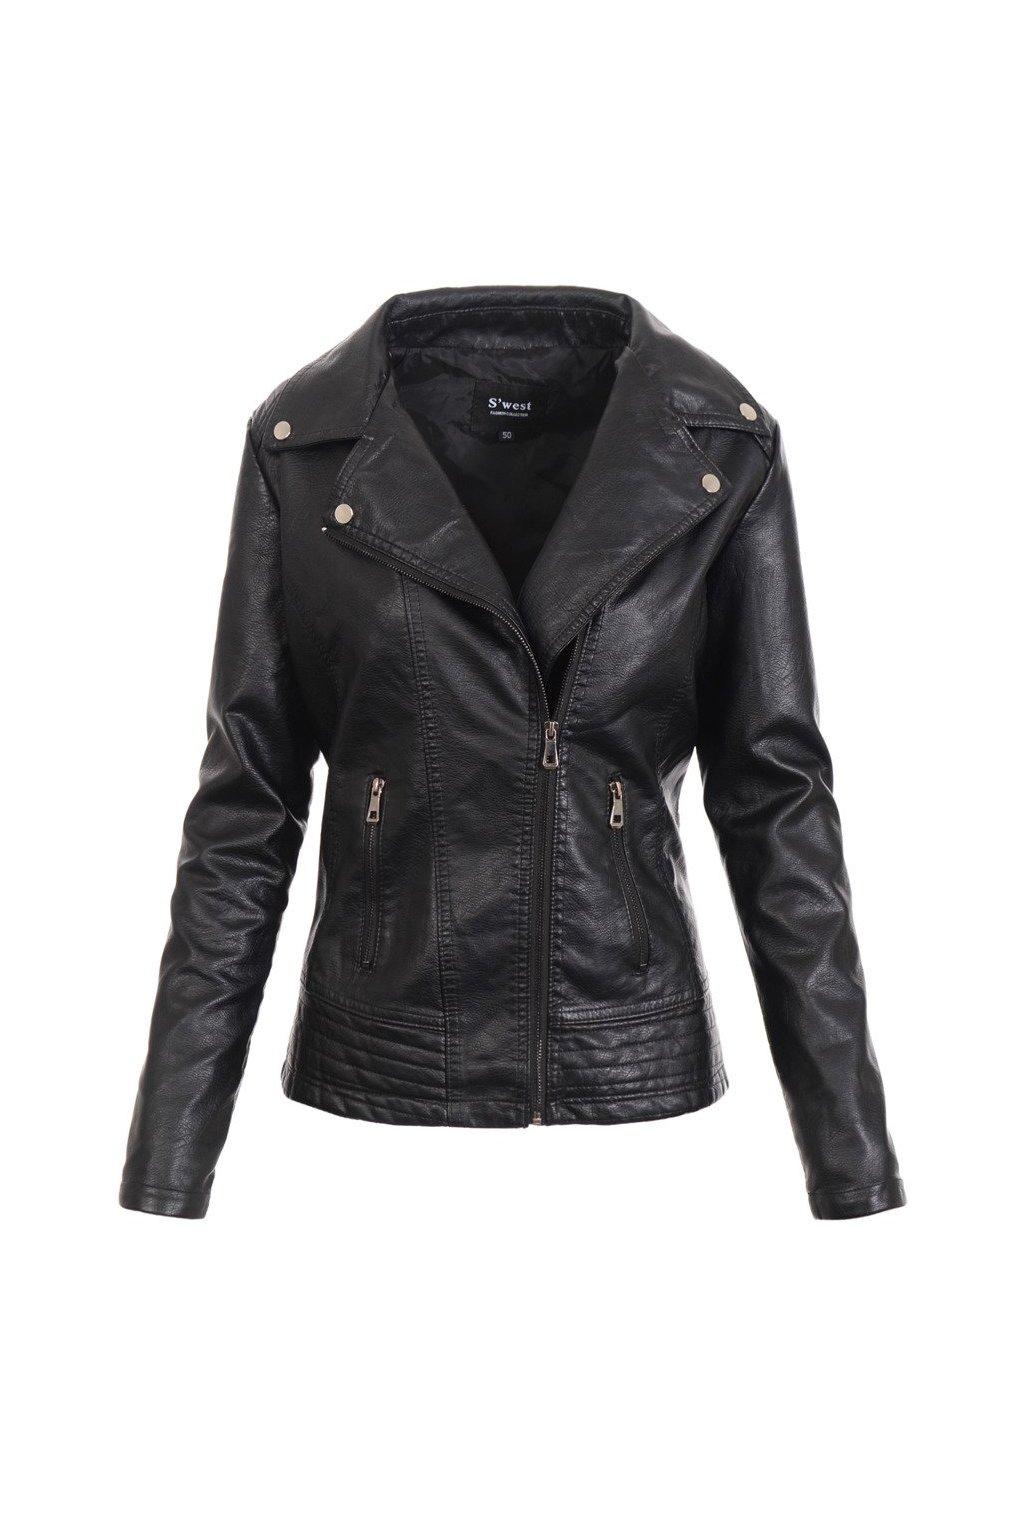 Dámska kožená bunda 4727 čierna